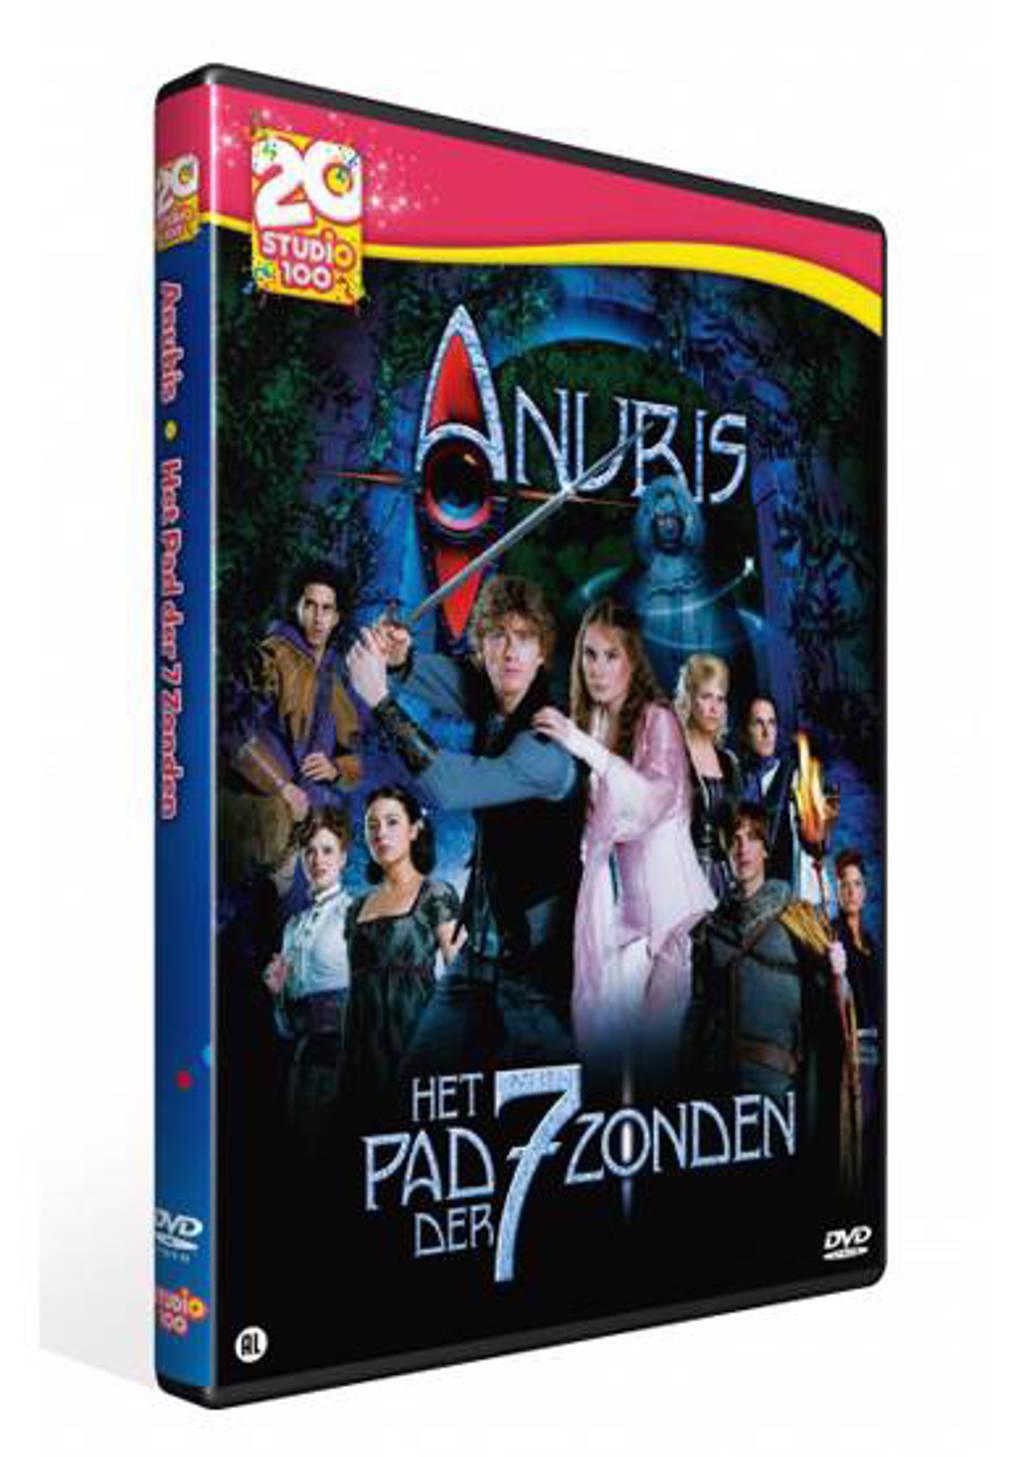 Het huis Anubis - Het pad der 7 zonden (DVD)